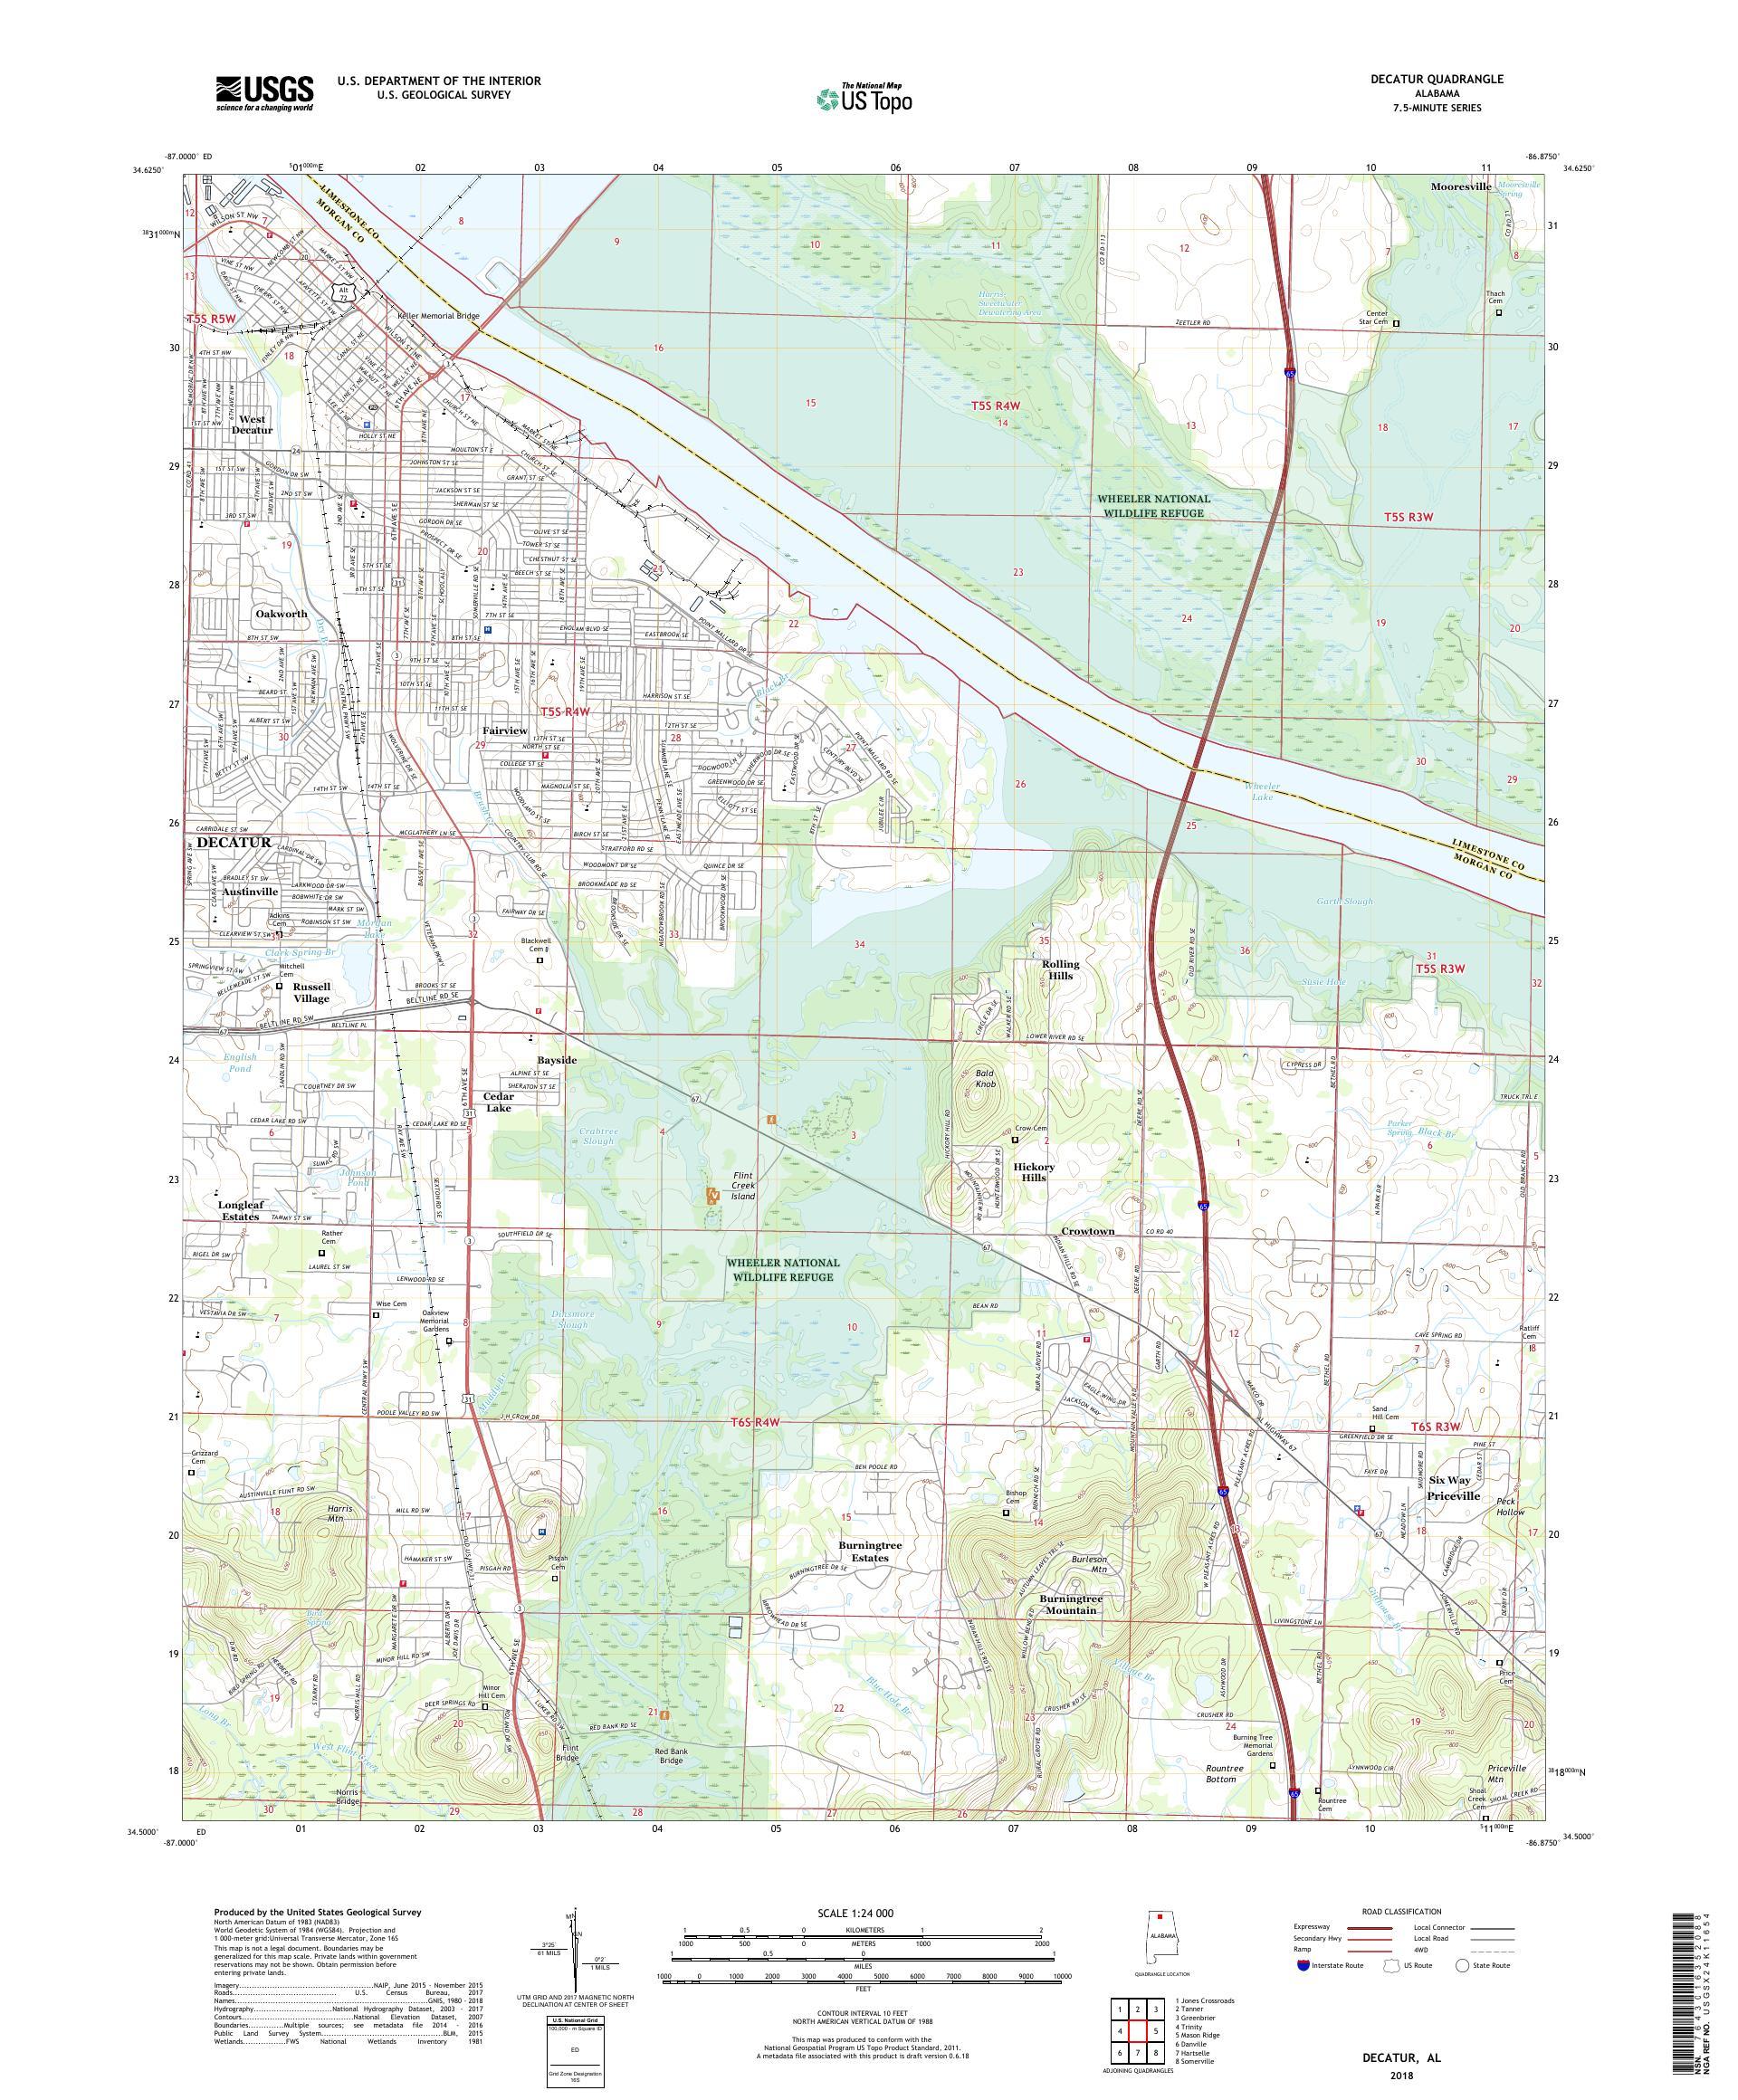 MyTopo Decatur, Alabama USGS Quad Topo Map